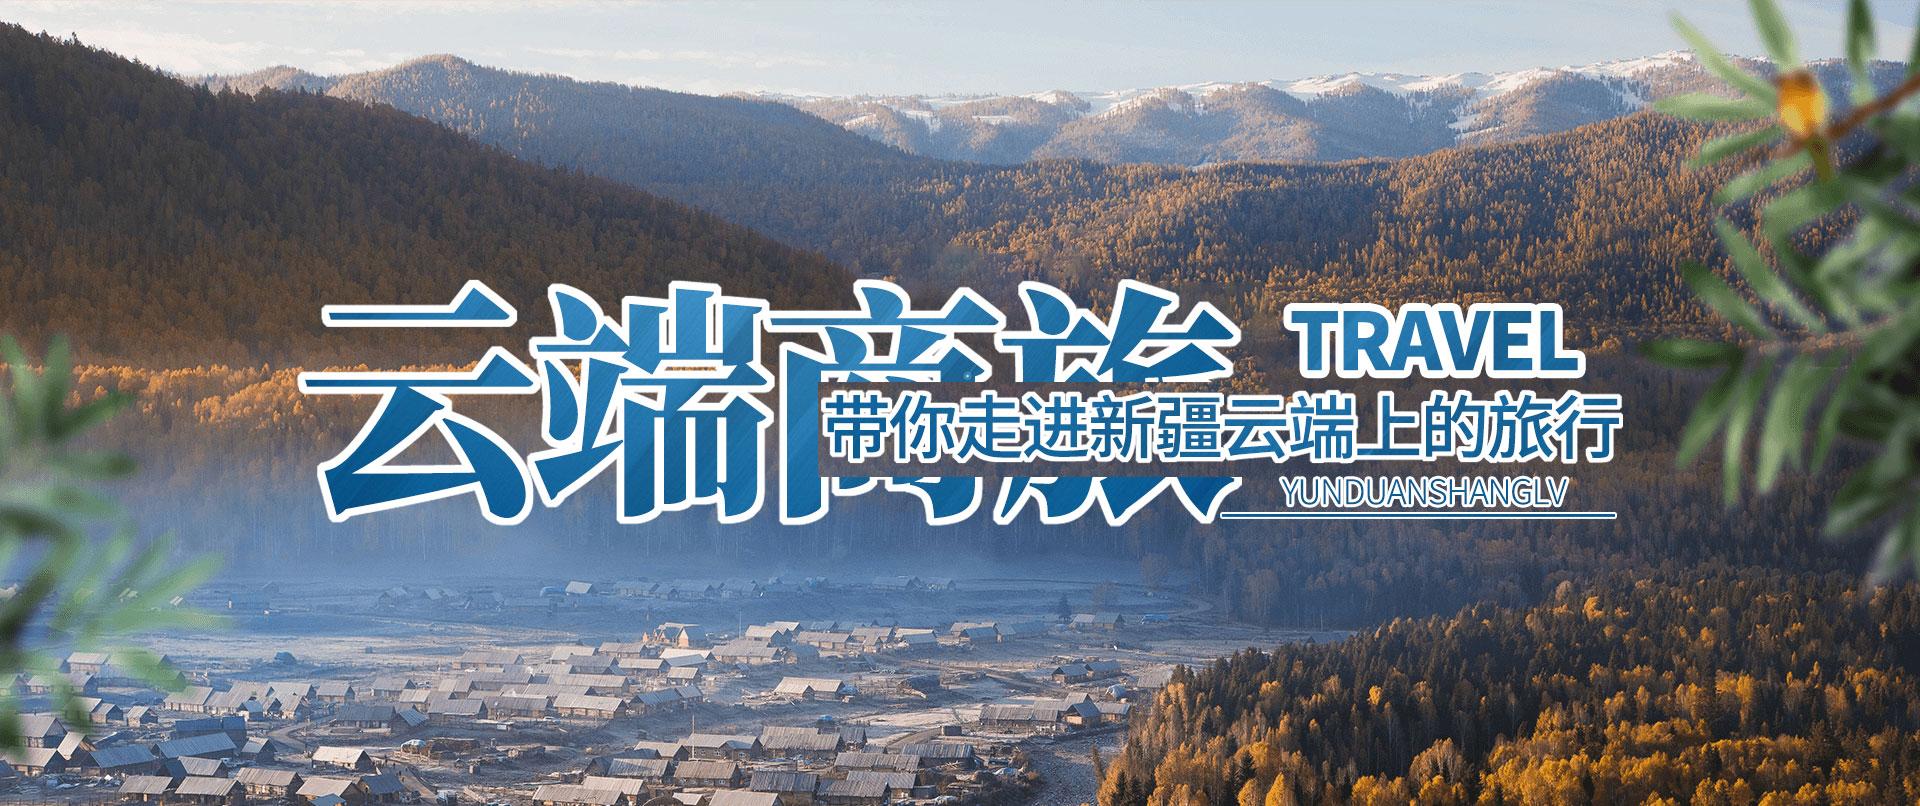 新疆高端旅游,新疆旅游包车,新疆私人定制旅游